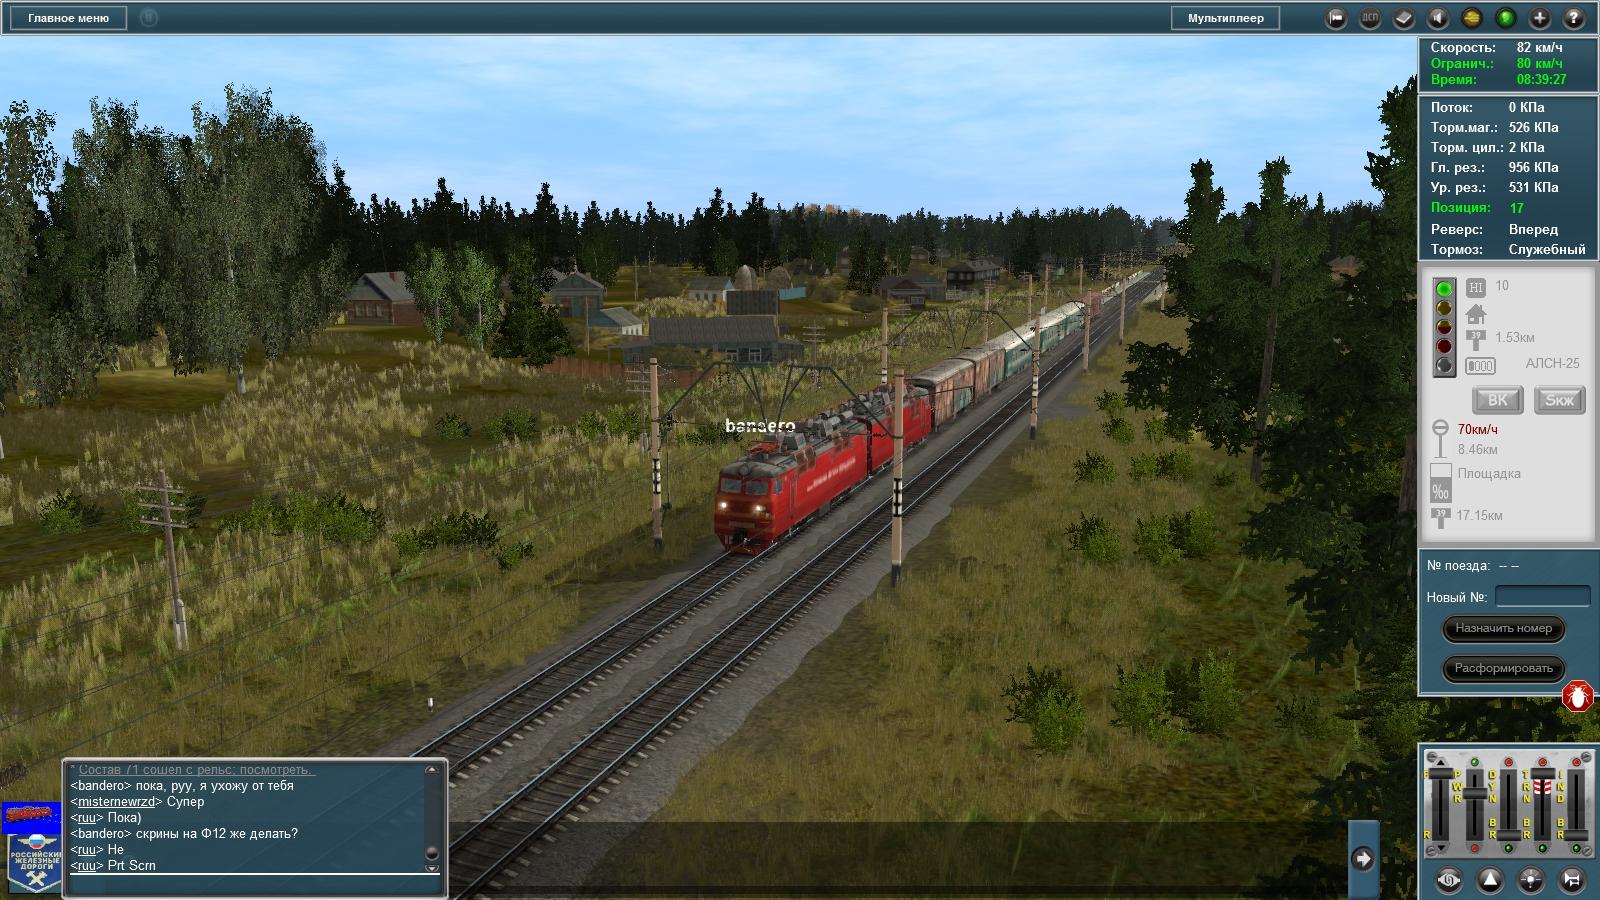 Поезд №2002 ОФМП 08.08.17